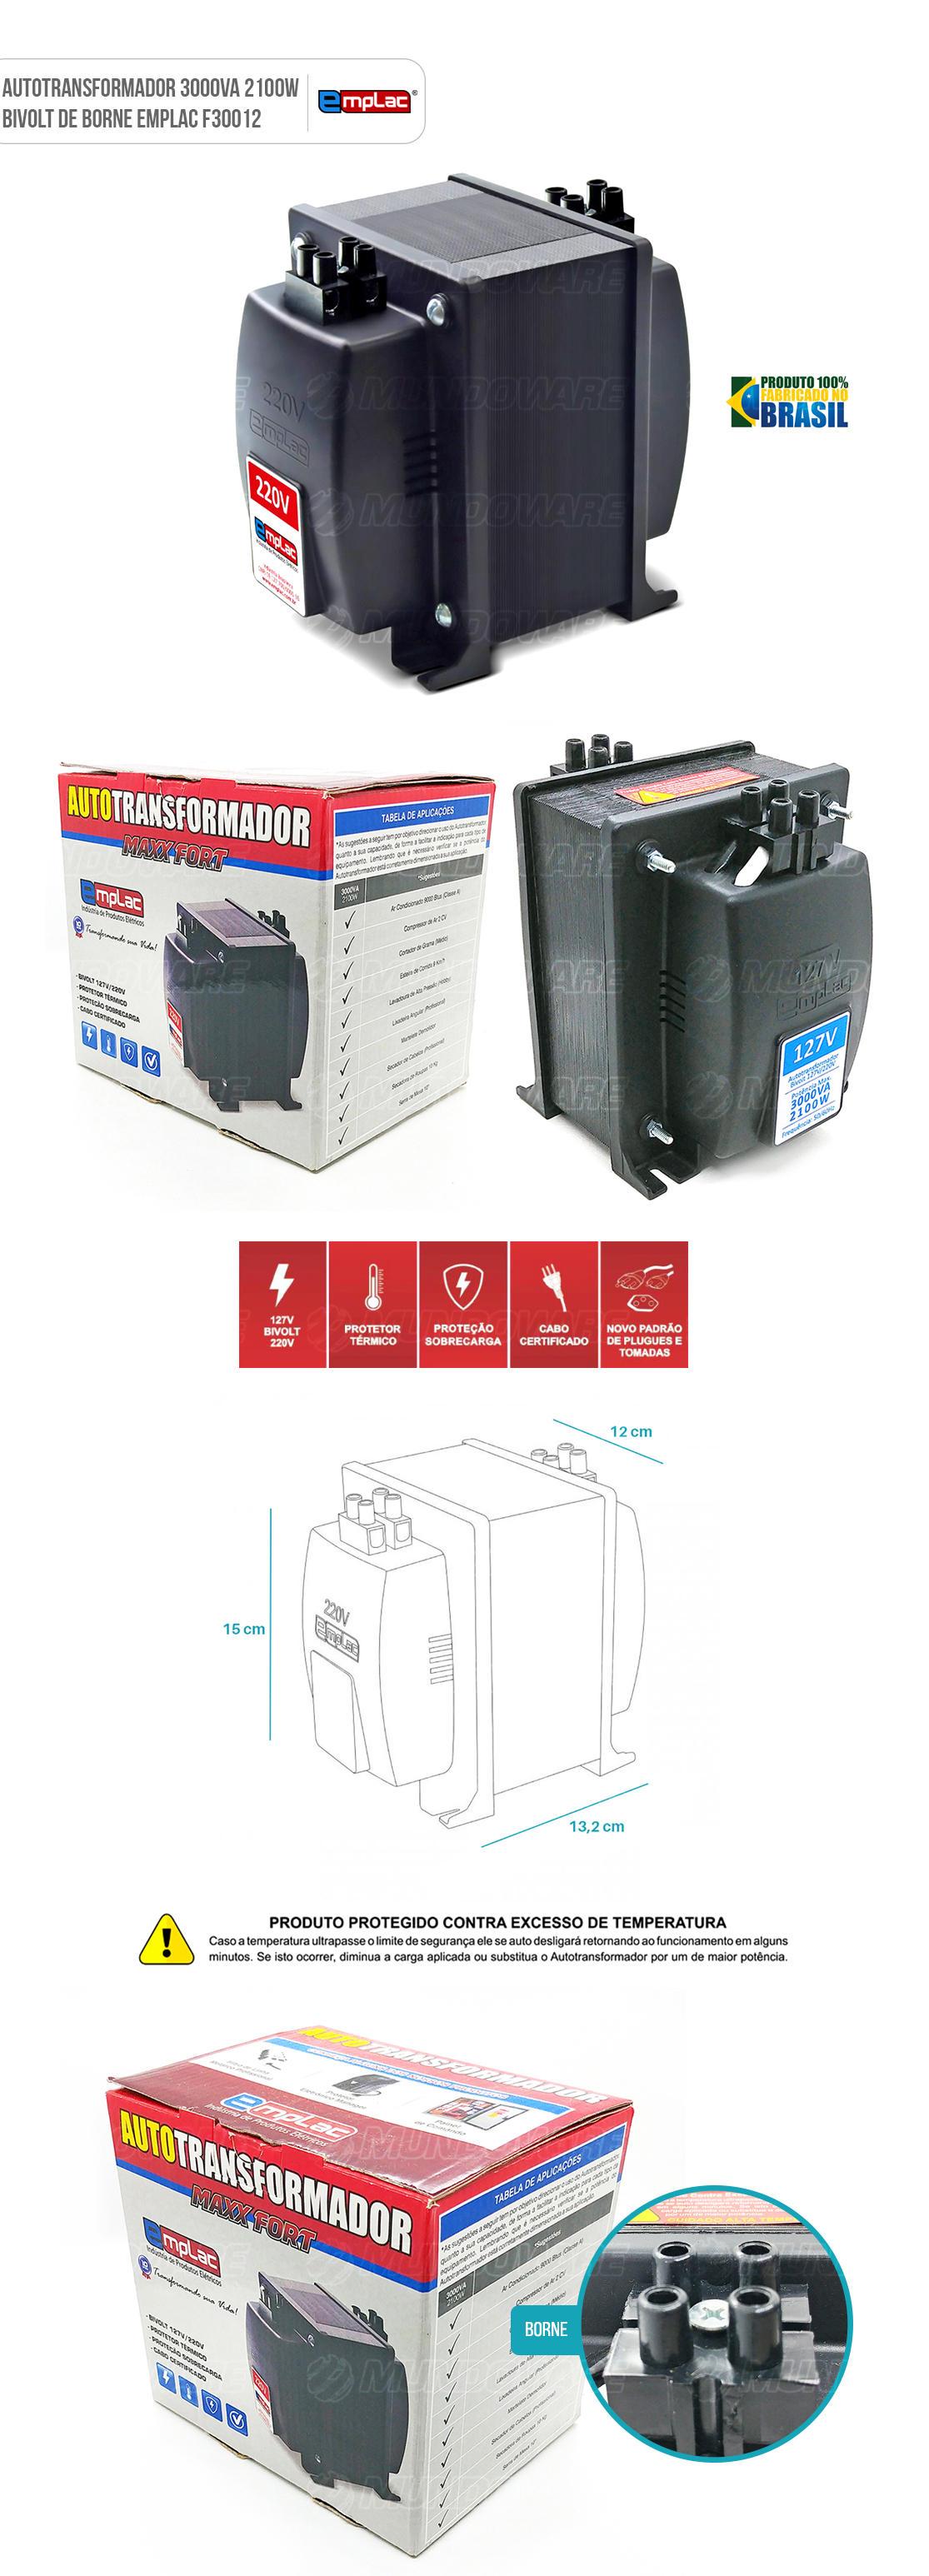 Auto transformador de barra de borne 3000VA 2100W Bivolt com Protetor Térmico e Proteção contra sobrecarga